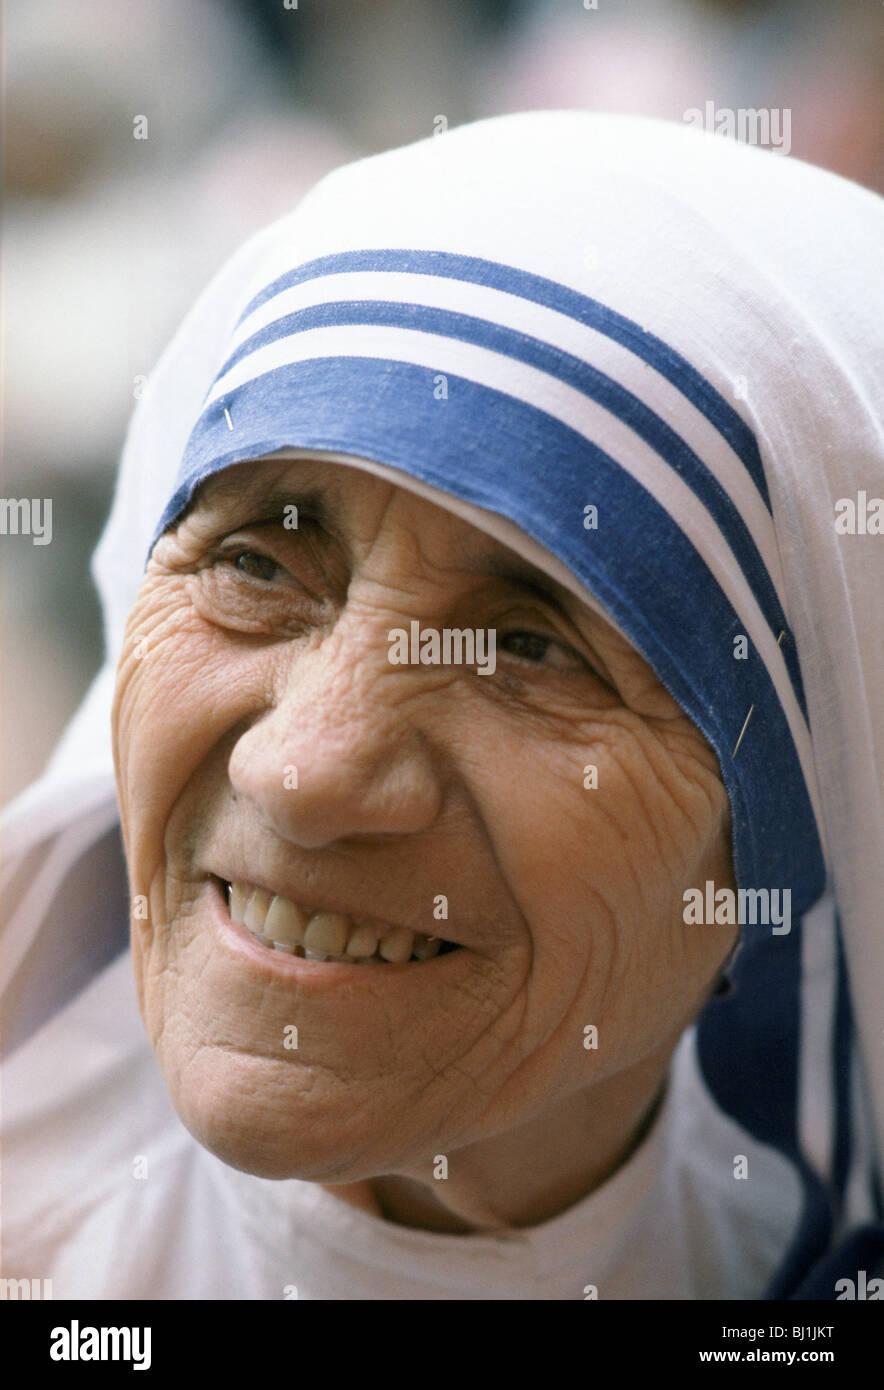 Mère Teresa de Calcutta à sa mission d'aide aux pauvres et affamés, Calcutta, Inde Photo Stock